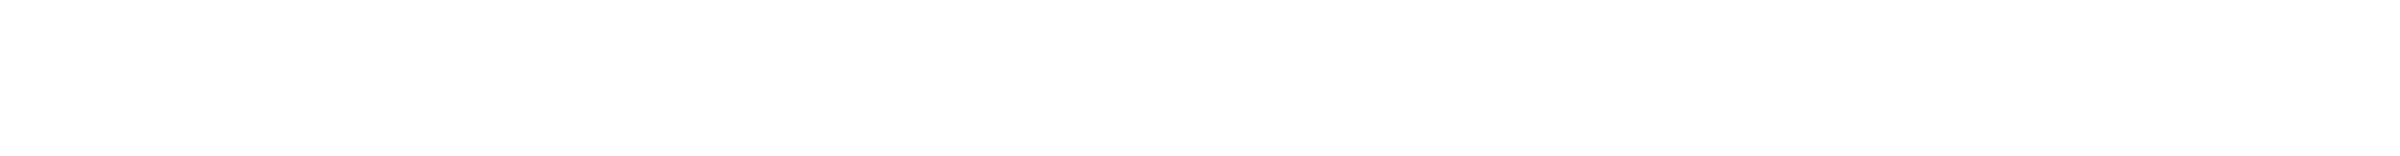 Fabienne Chapot Logo